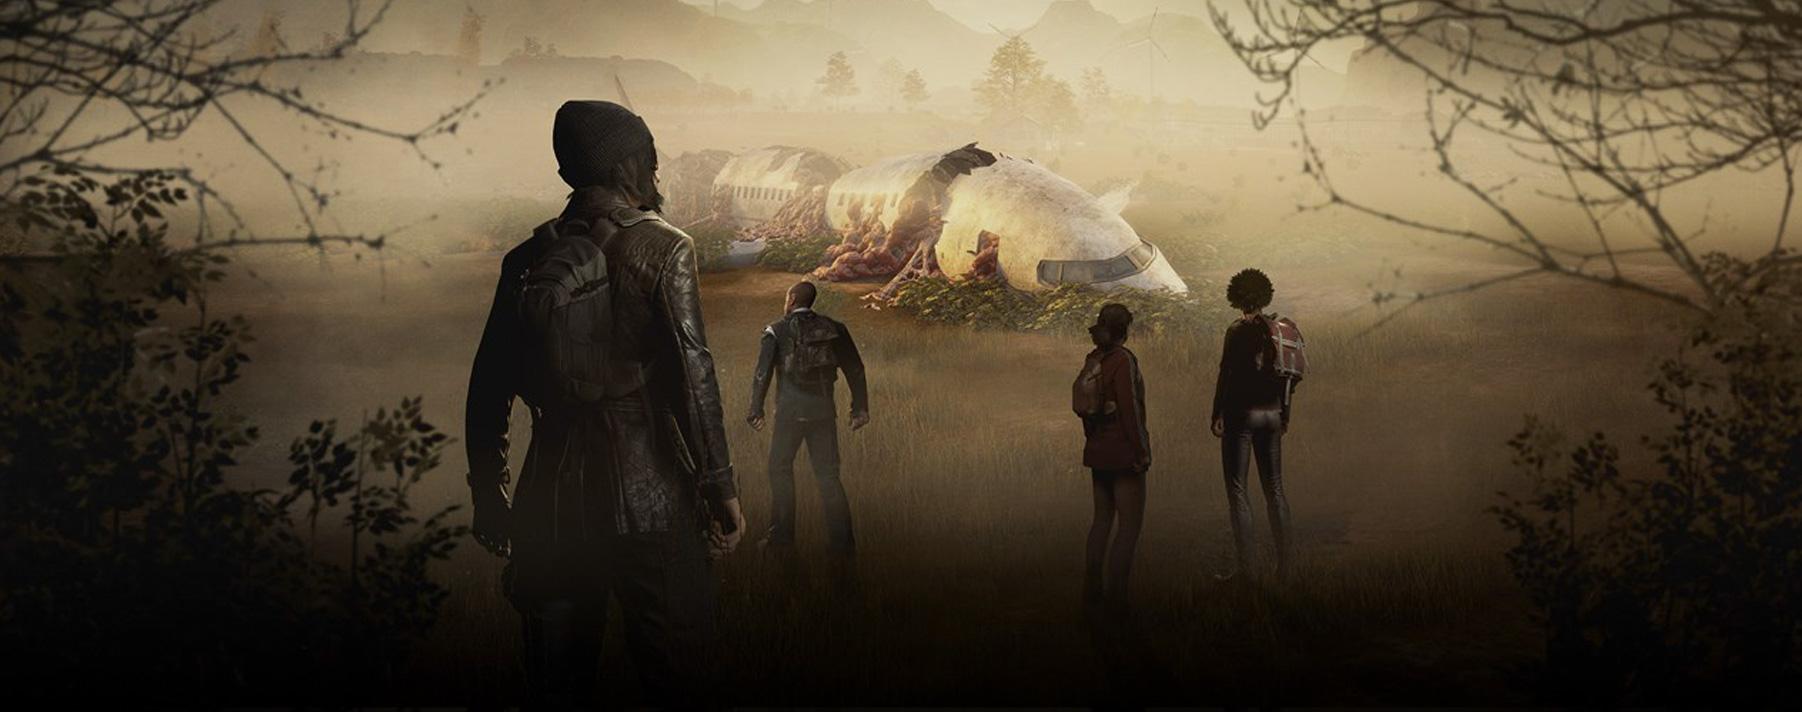 State of Decay 2. En este juego debes transformar a un grupo de supervivientes inexpertos en una comunidad estable capaz de sostenerse y defenderse contra ataques de zombies.